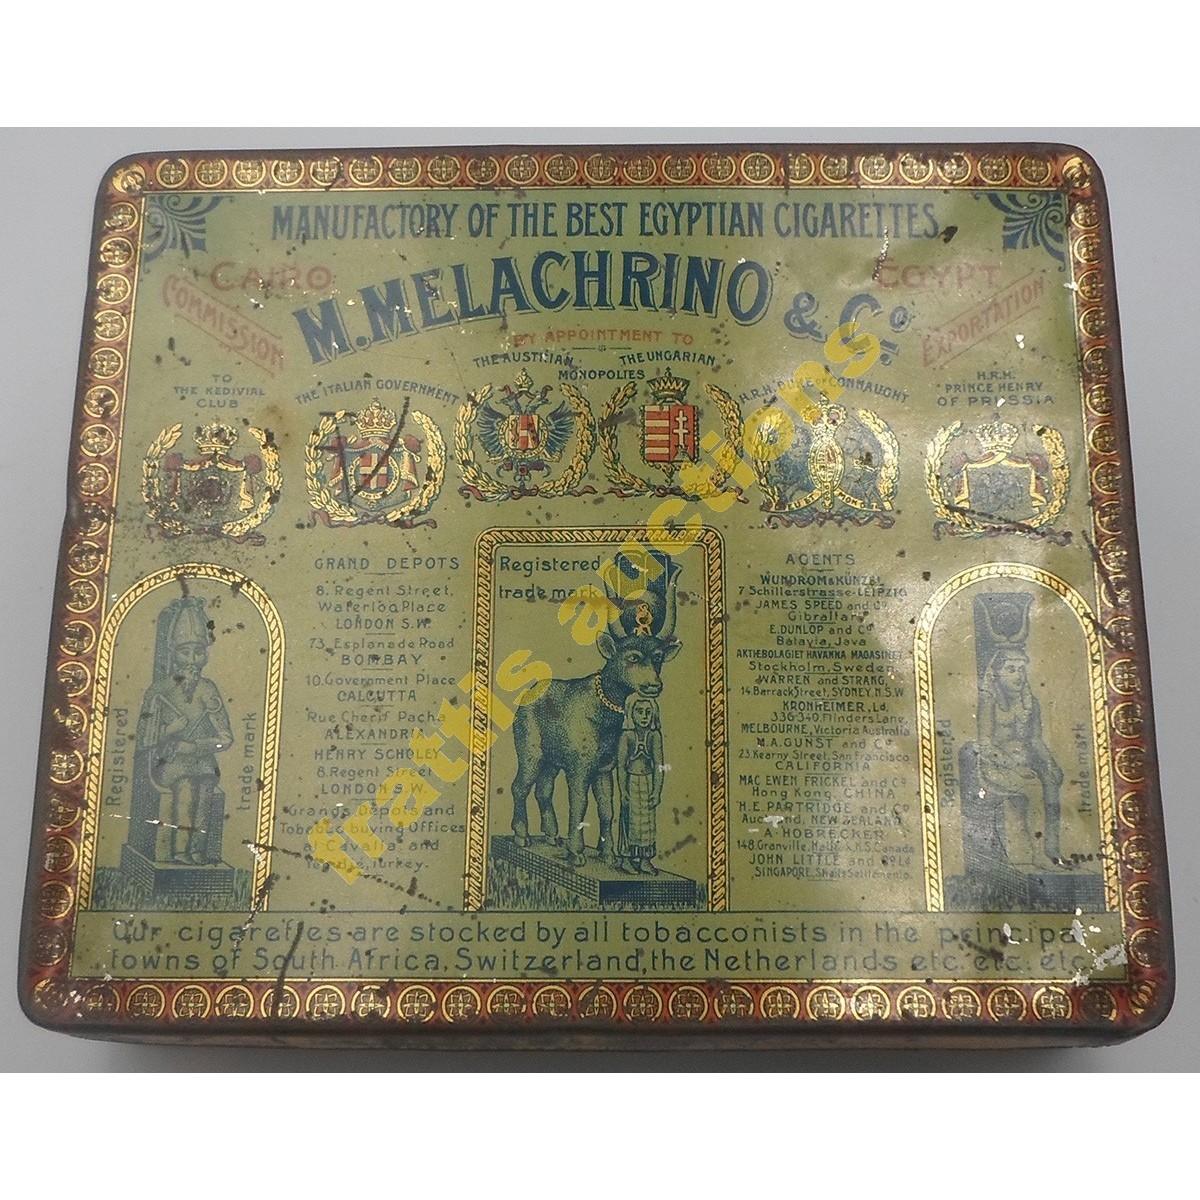 M. MELACHRINO & Co.